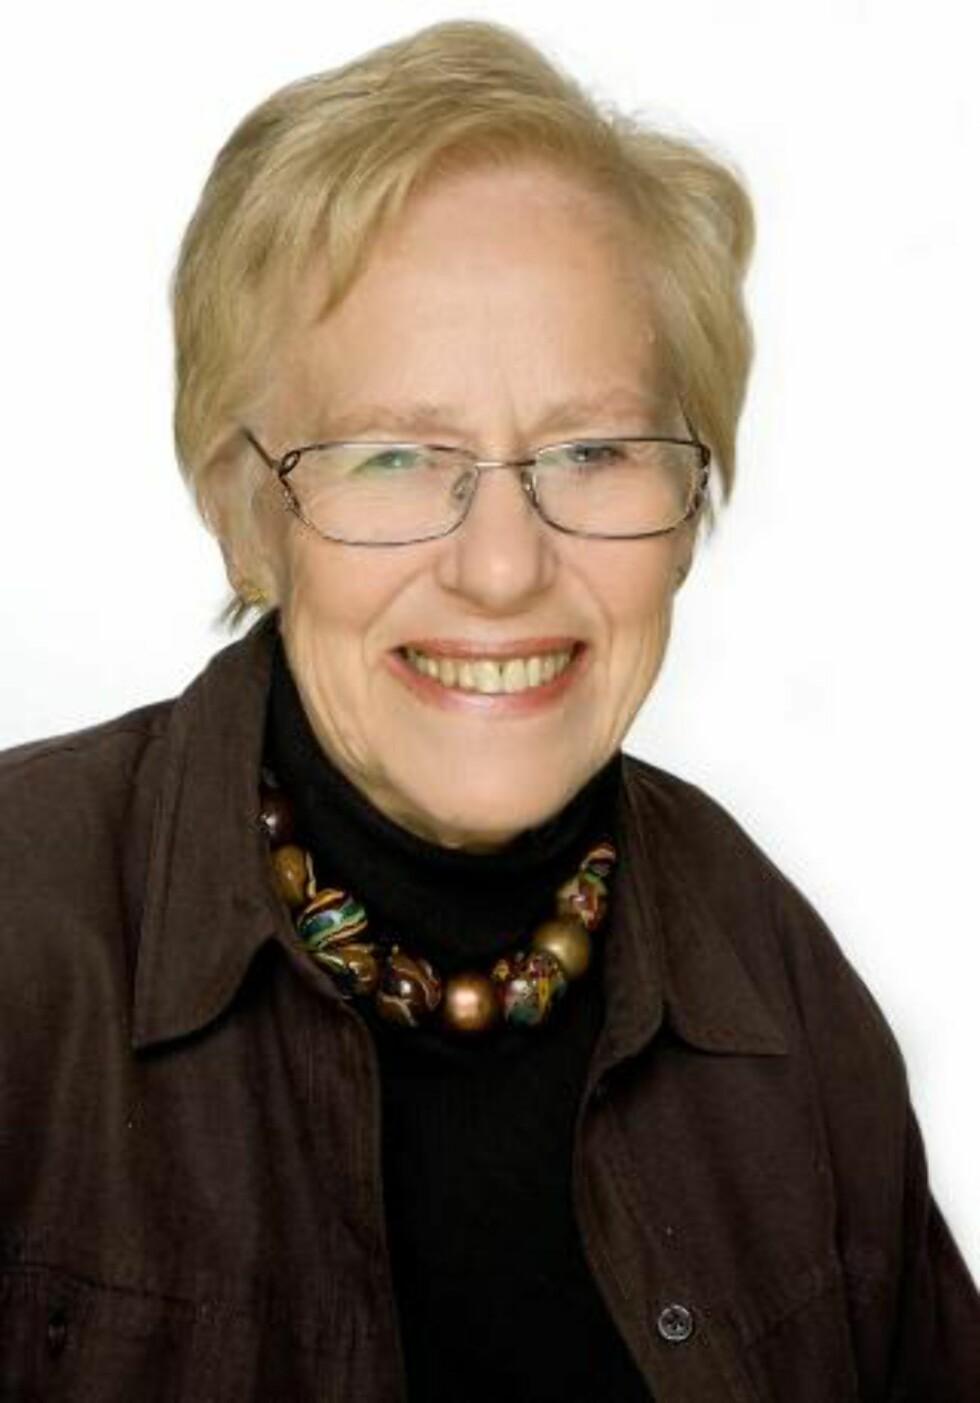 VELGER OG VRAKER: Kvinners sterkere stilling i samfunnet har gjort dem mer selektive når det gjelder valg av menn, sier samfunnsforsker Kari Skrede i Statistisk sentralbyrå.